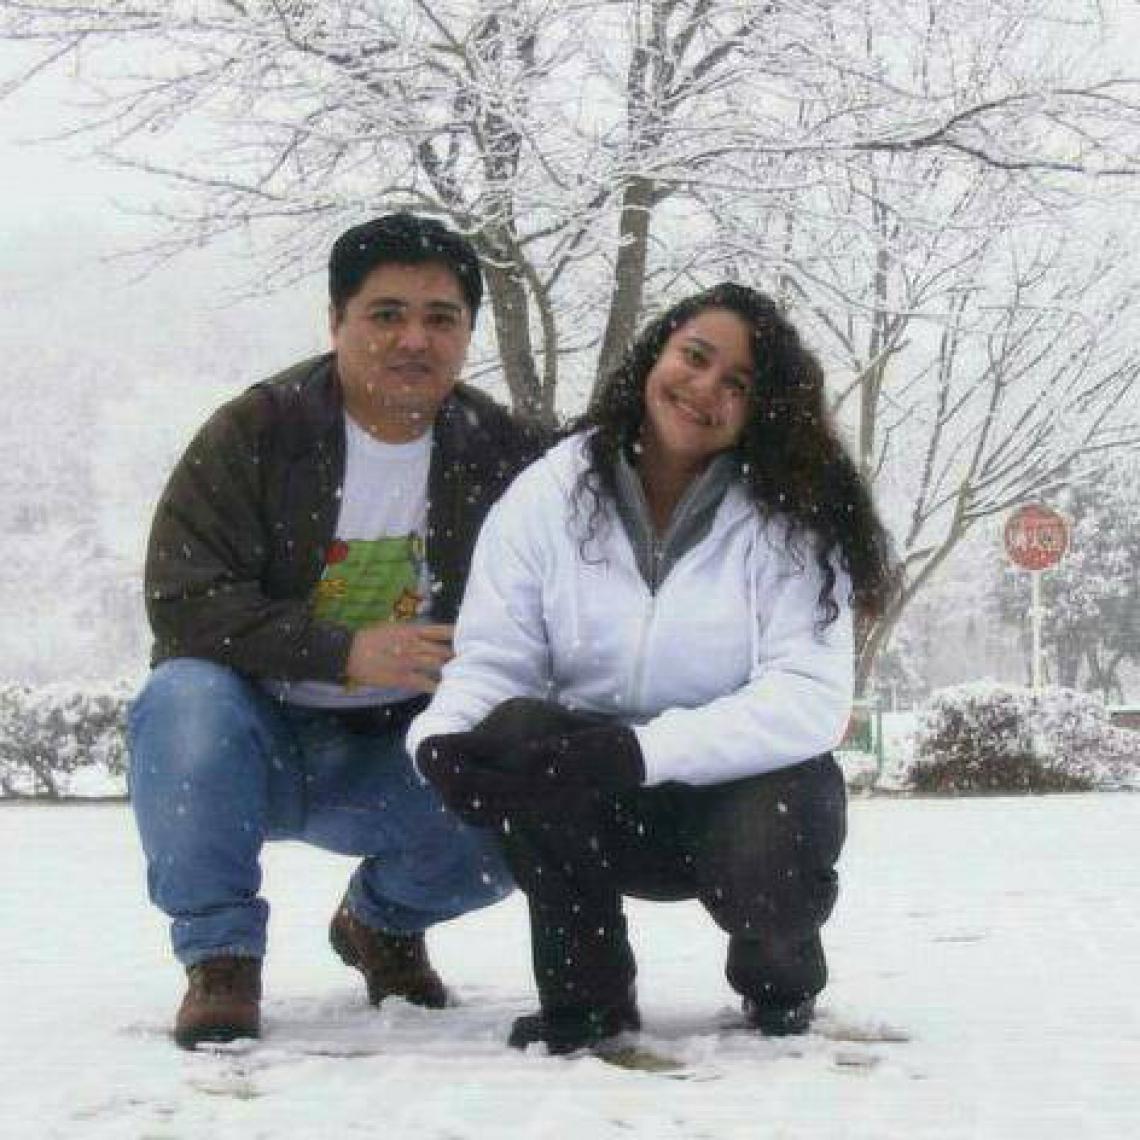 Walter Matsuda morava em Guaramiranga com a esposa, que estava junto do marido quando o crime ocorreu (Foto: Reprodução/Facebook)